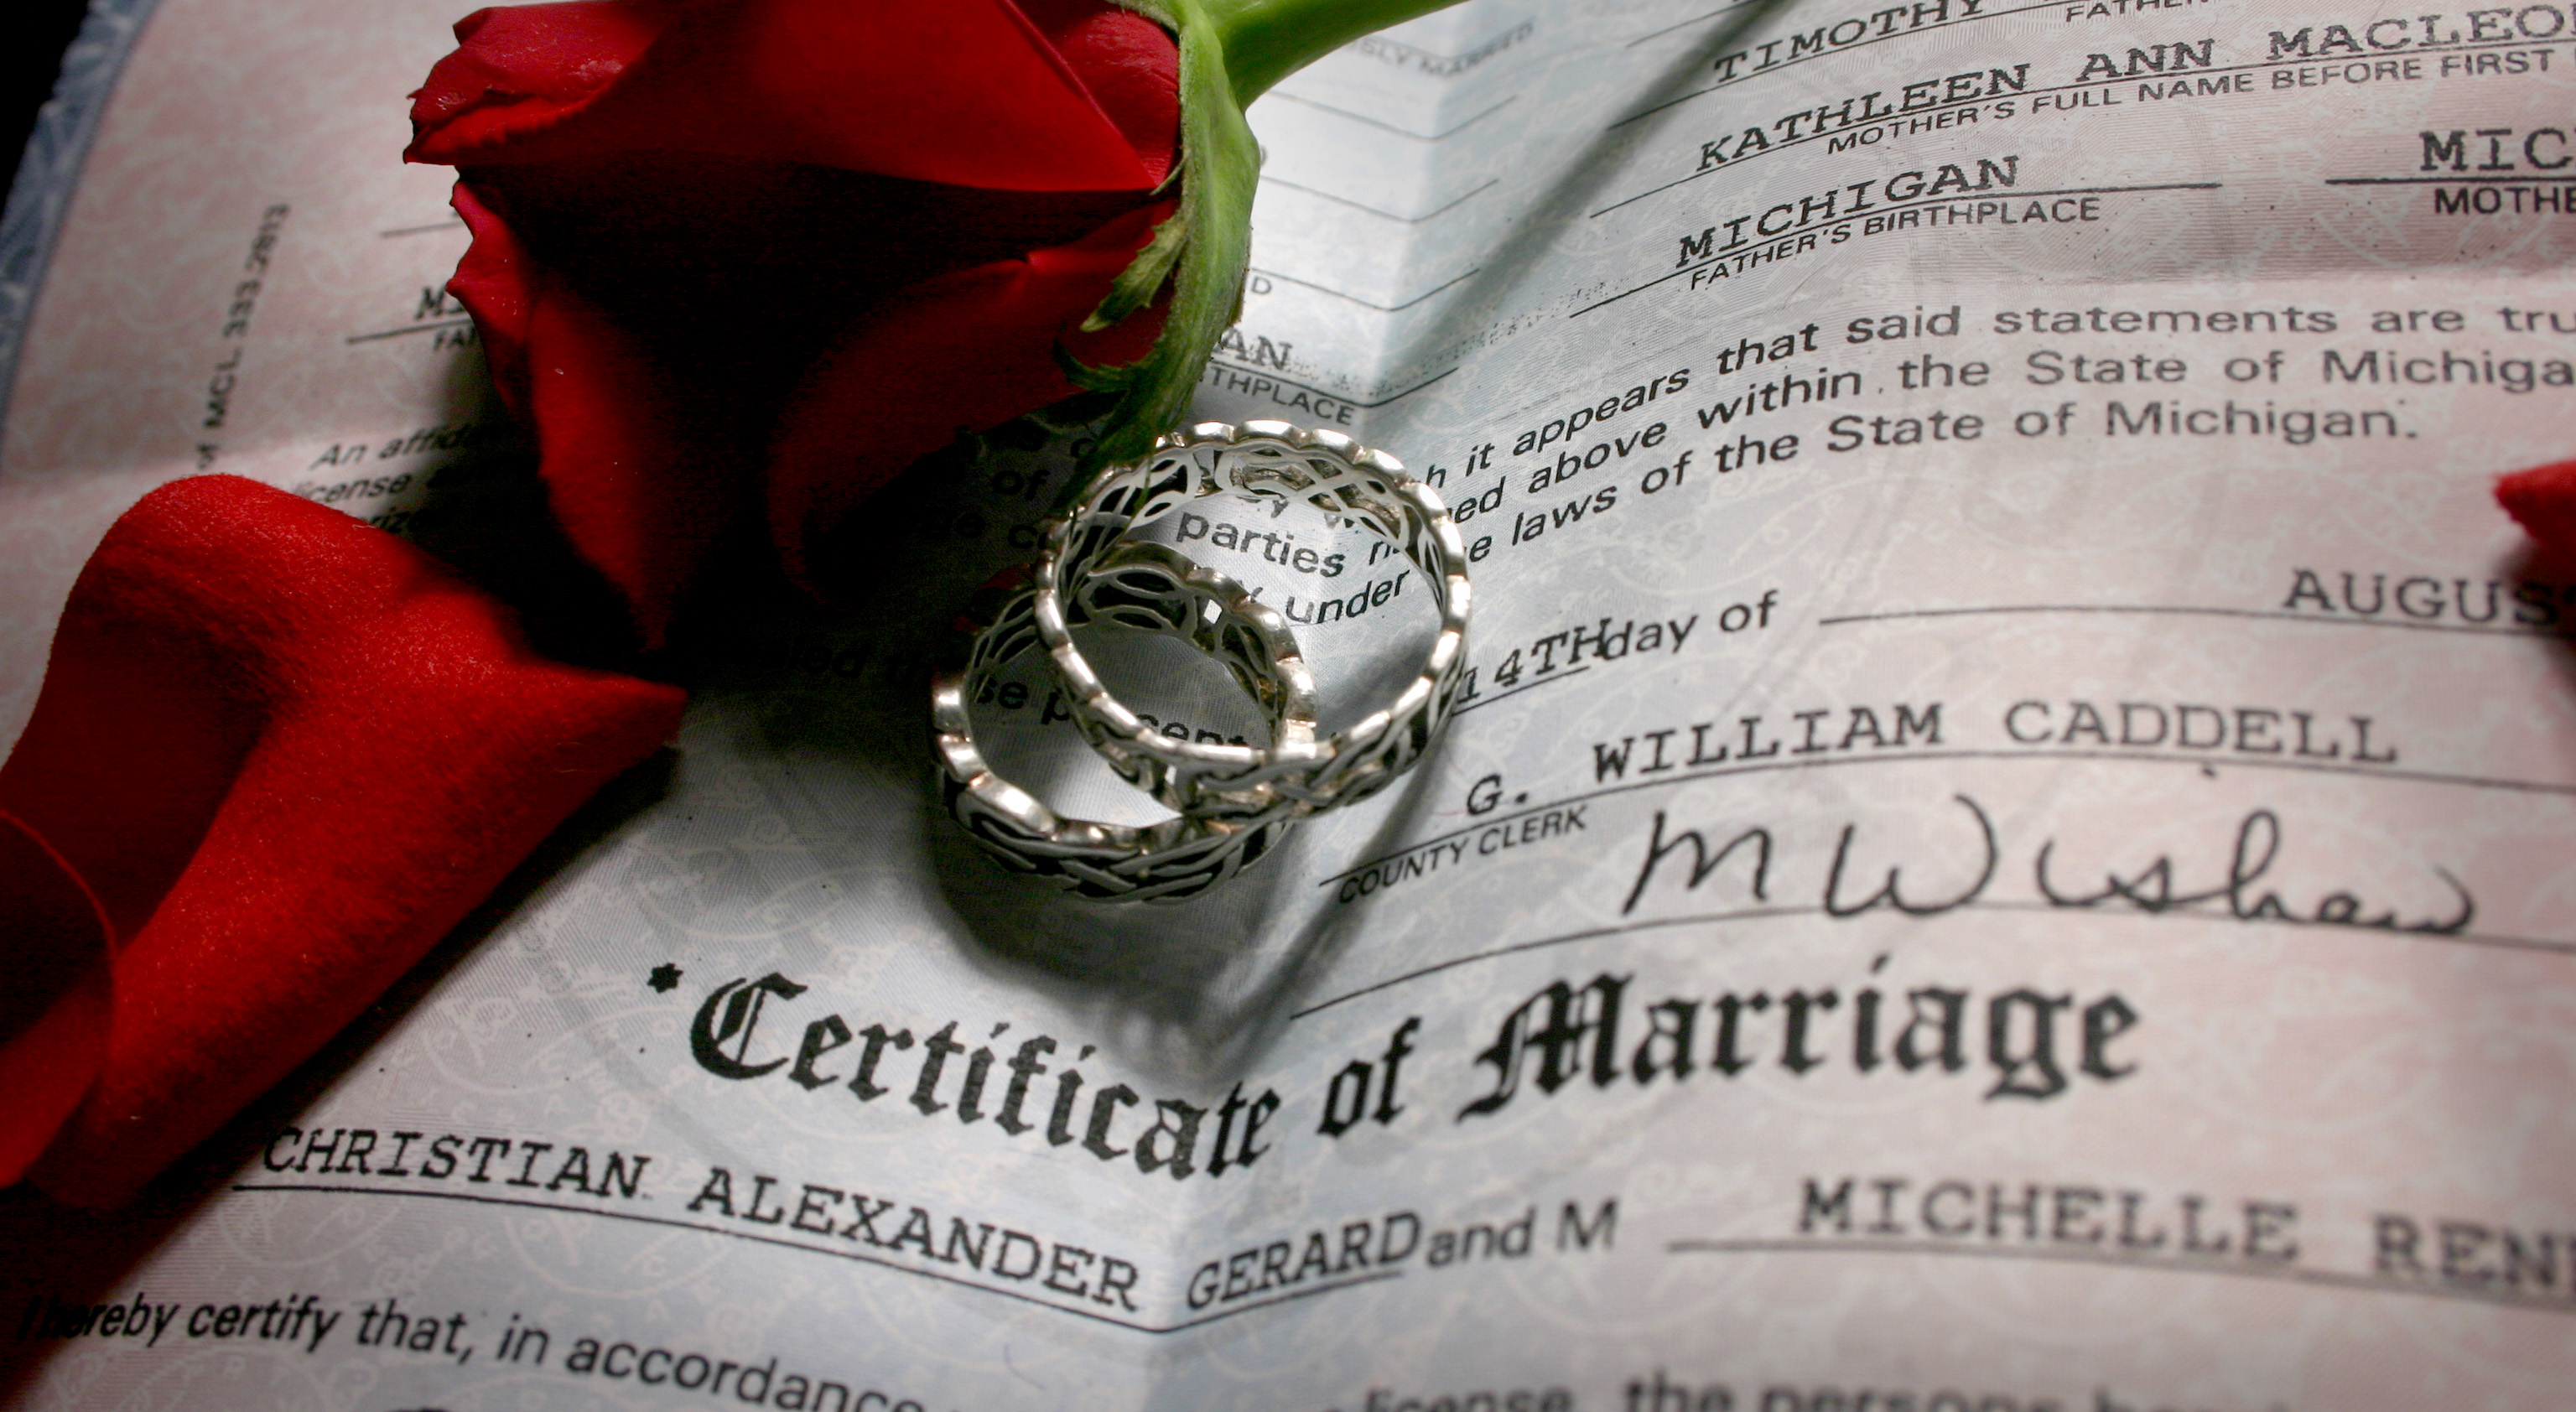 صور ذكرى الزواج  (2)